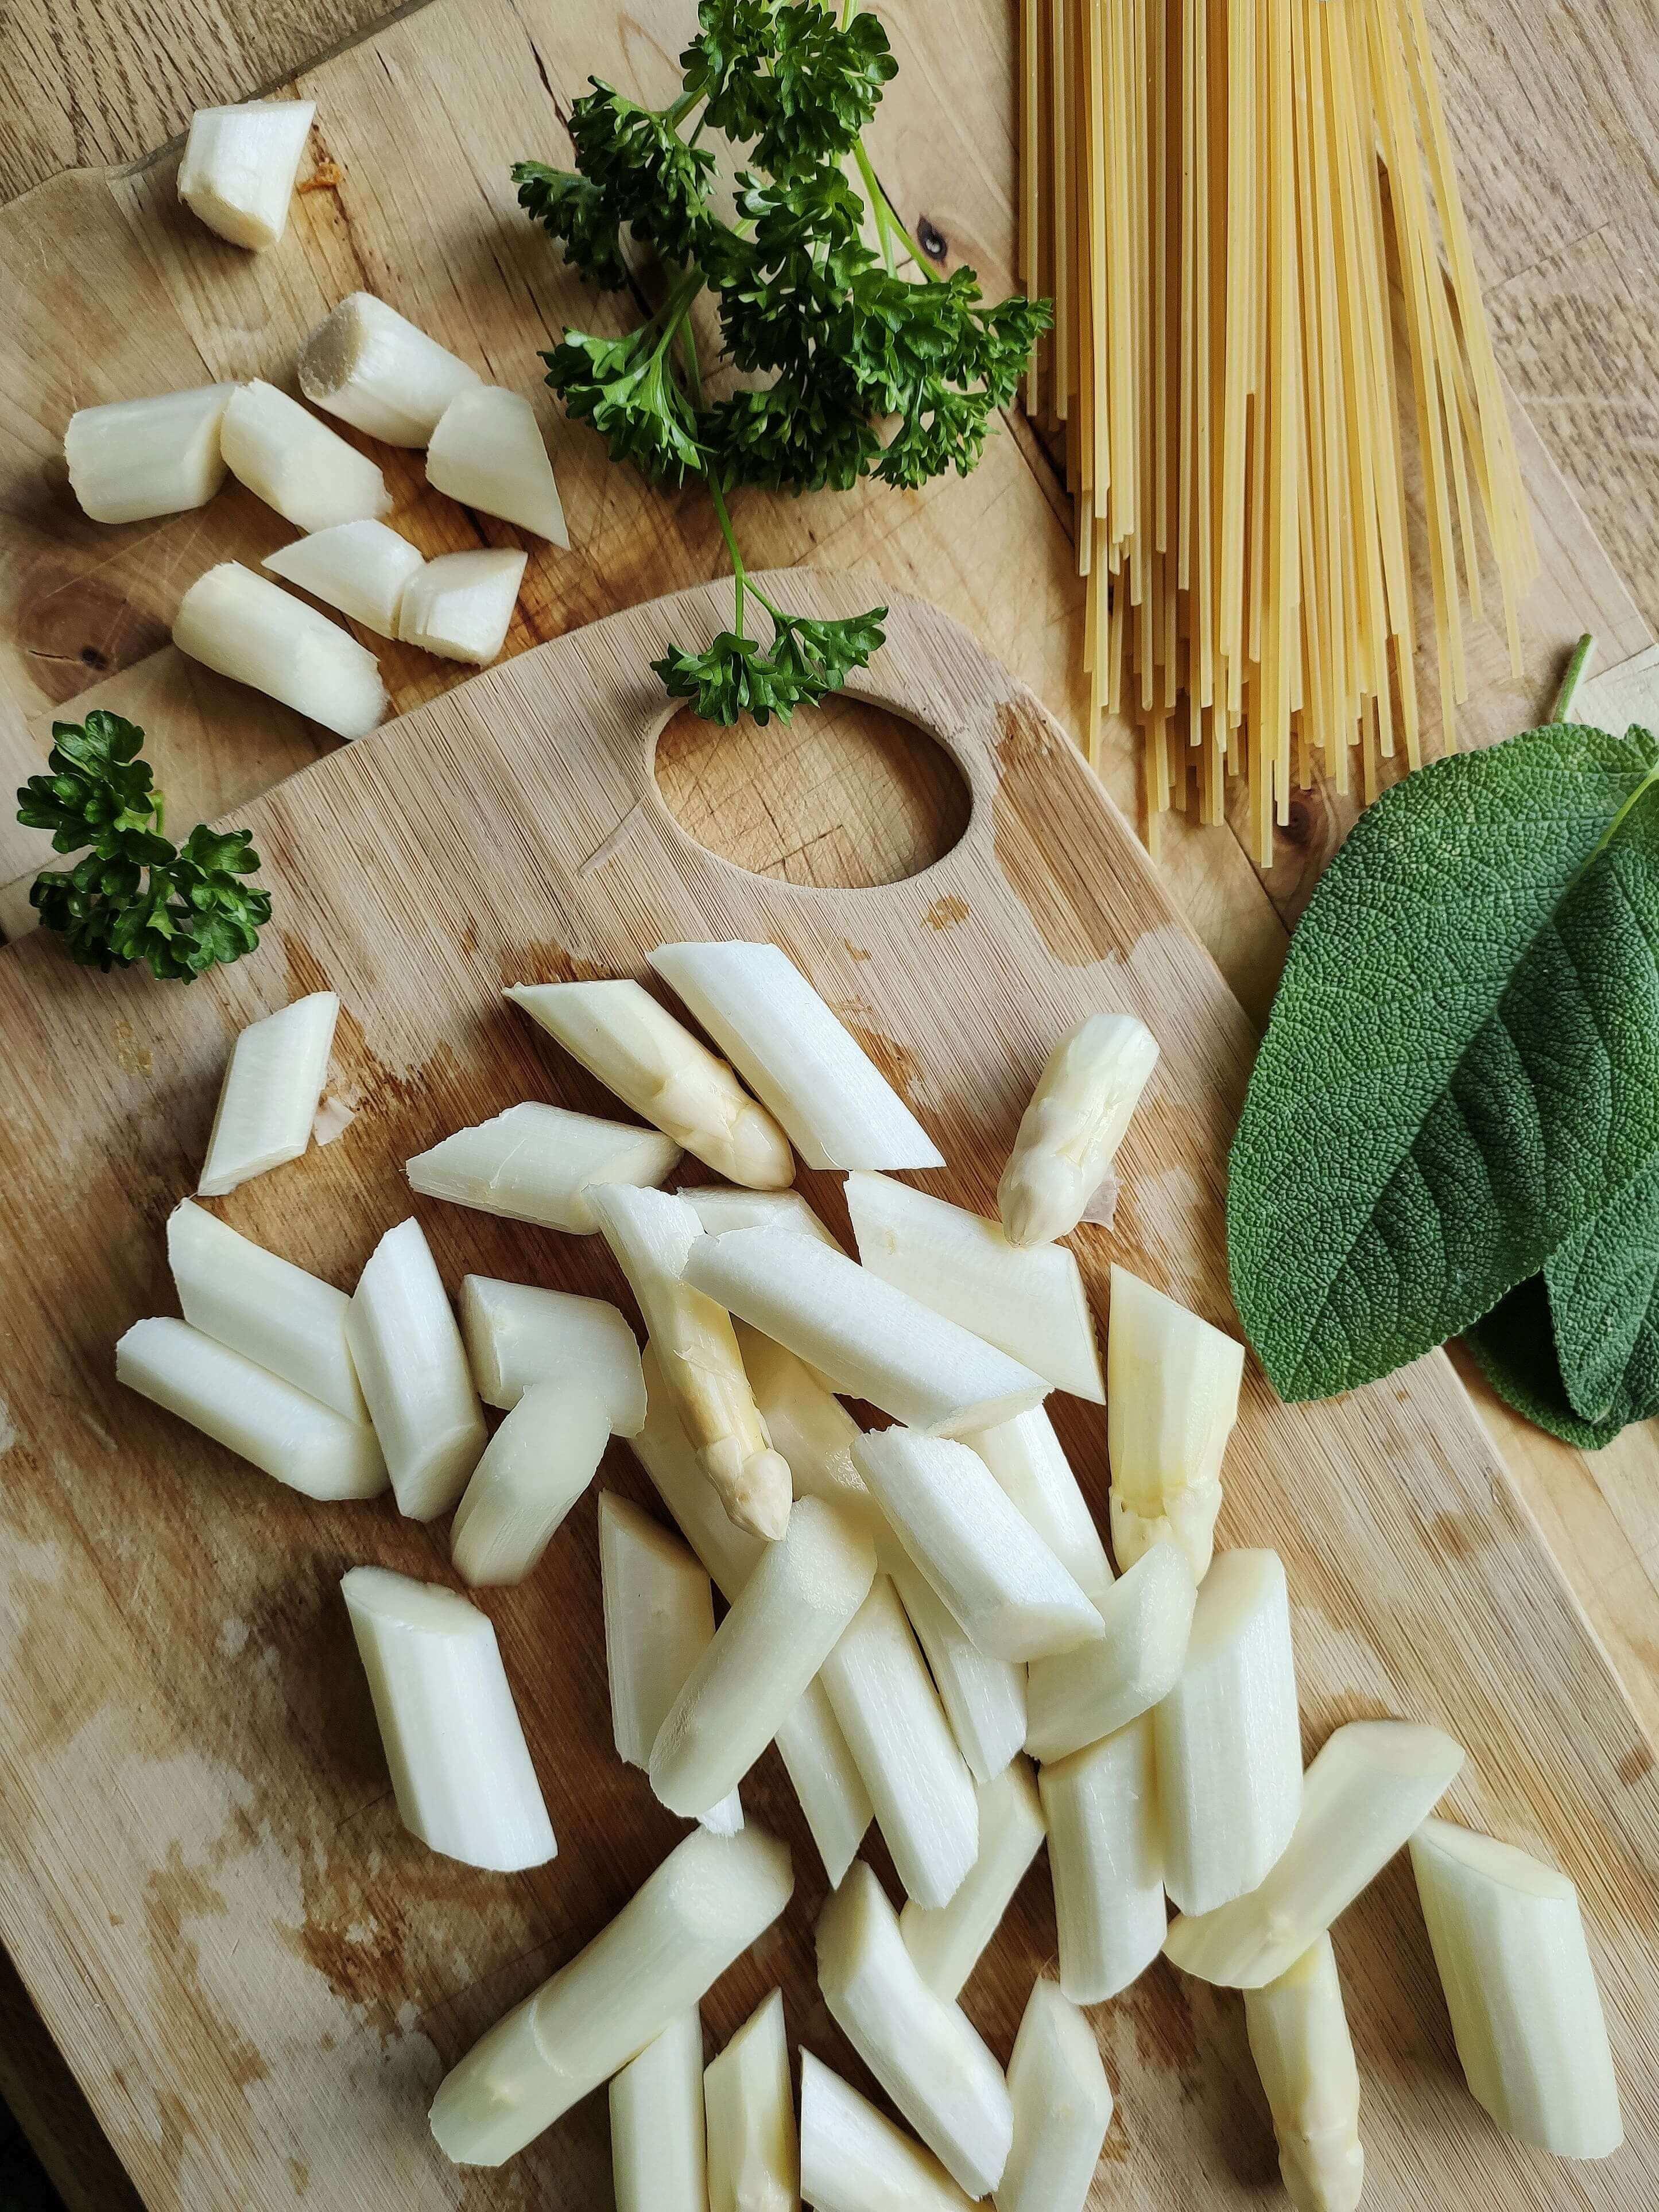 Schnelles Rezept für Pasta mit Salbei und Spargel -sehr lecker